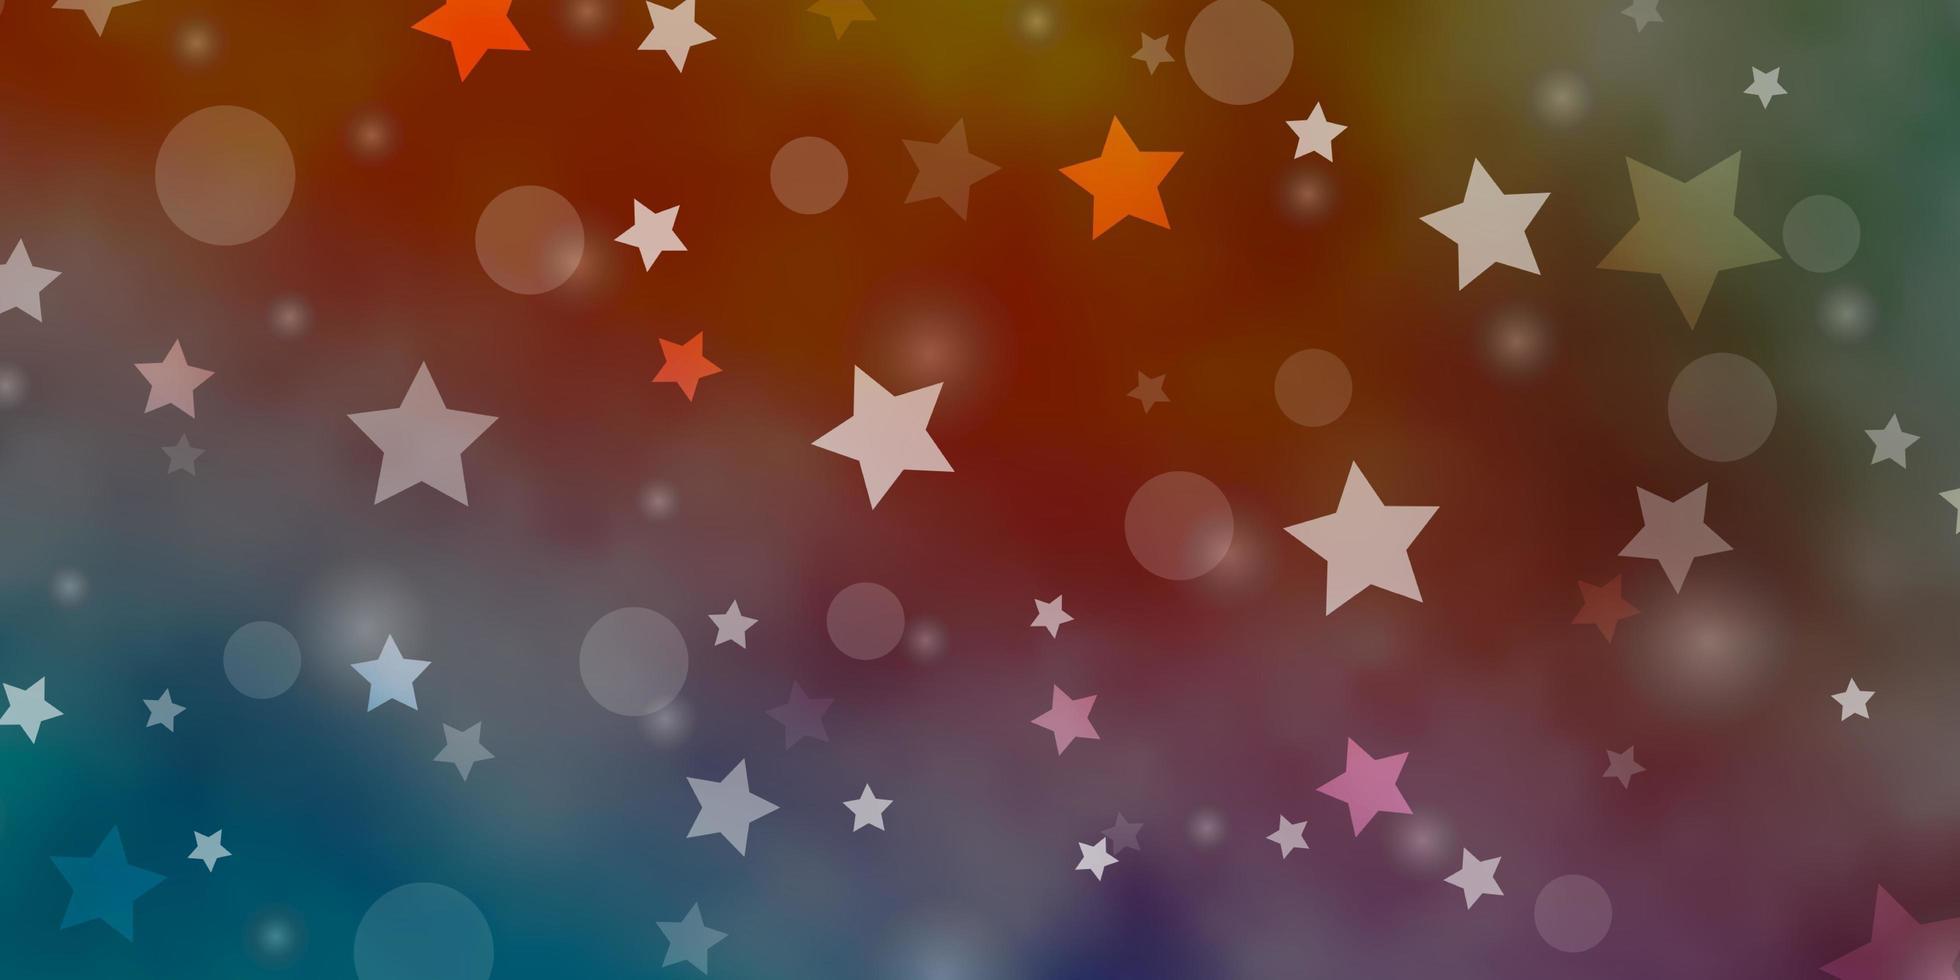 blauwe, rode achtergrond met cirkels, sterren. vector